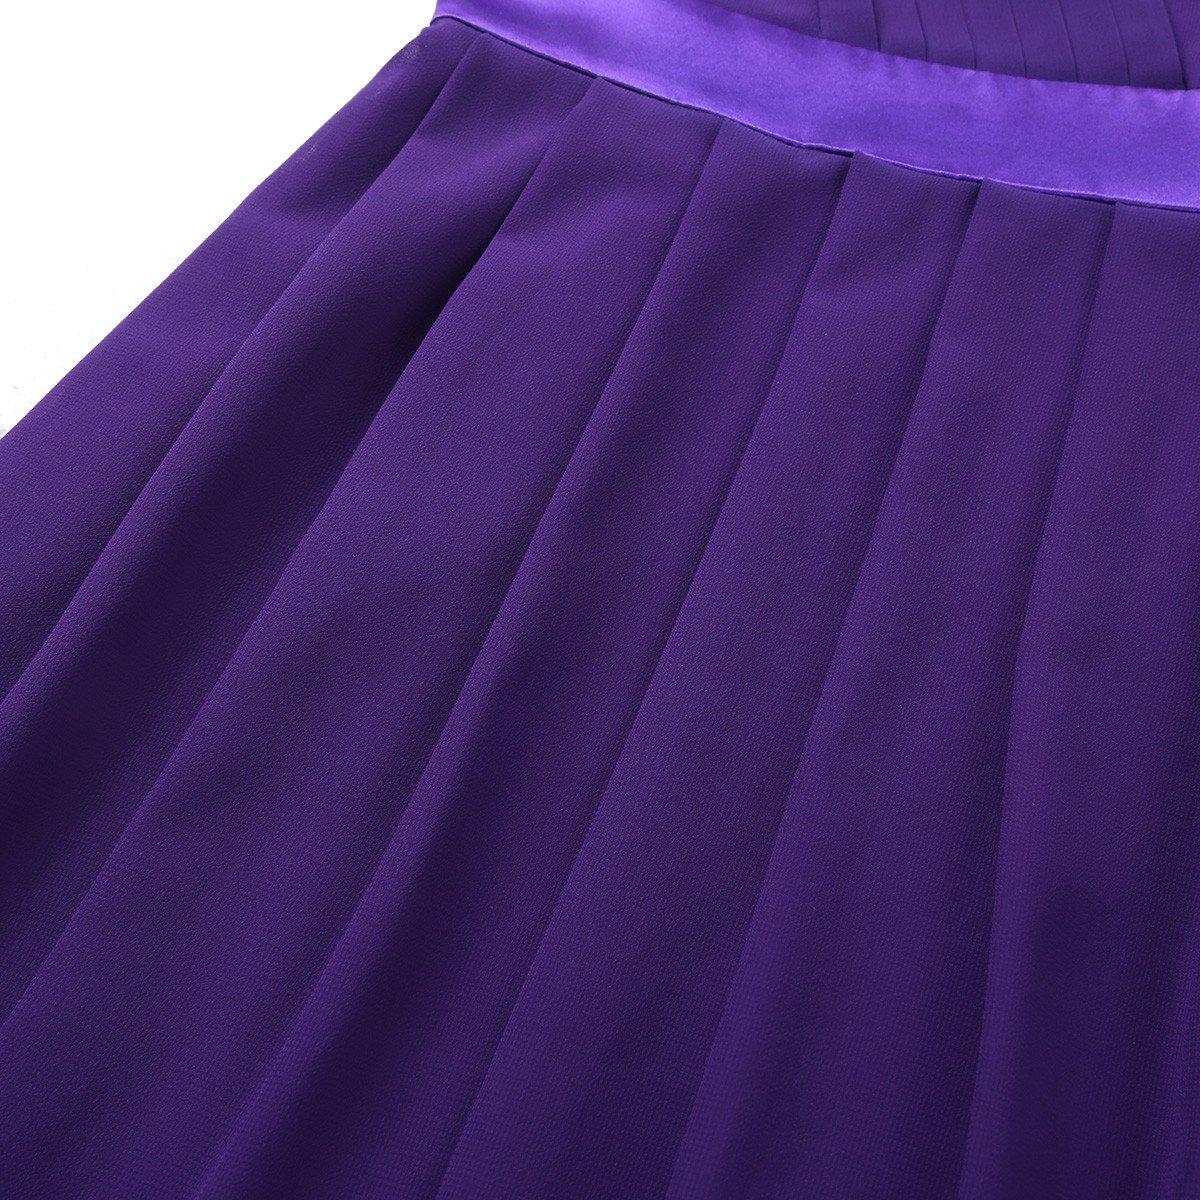 dc76a09e4d8 Freebily Robe de Soirée Cocktail Enfant Fille Asymétrique Épaule Robe de Cérémonie  Princesse Fille Mousseline Robe ...